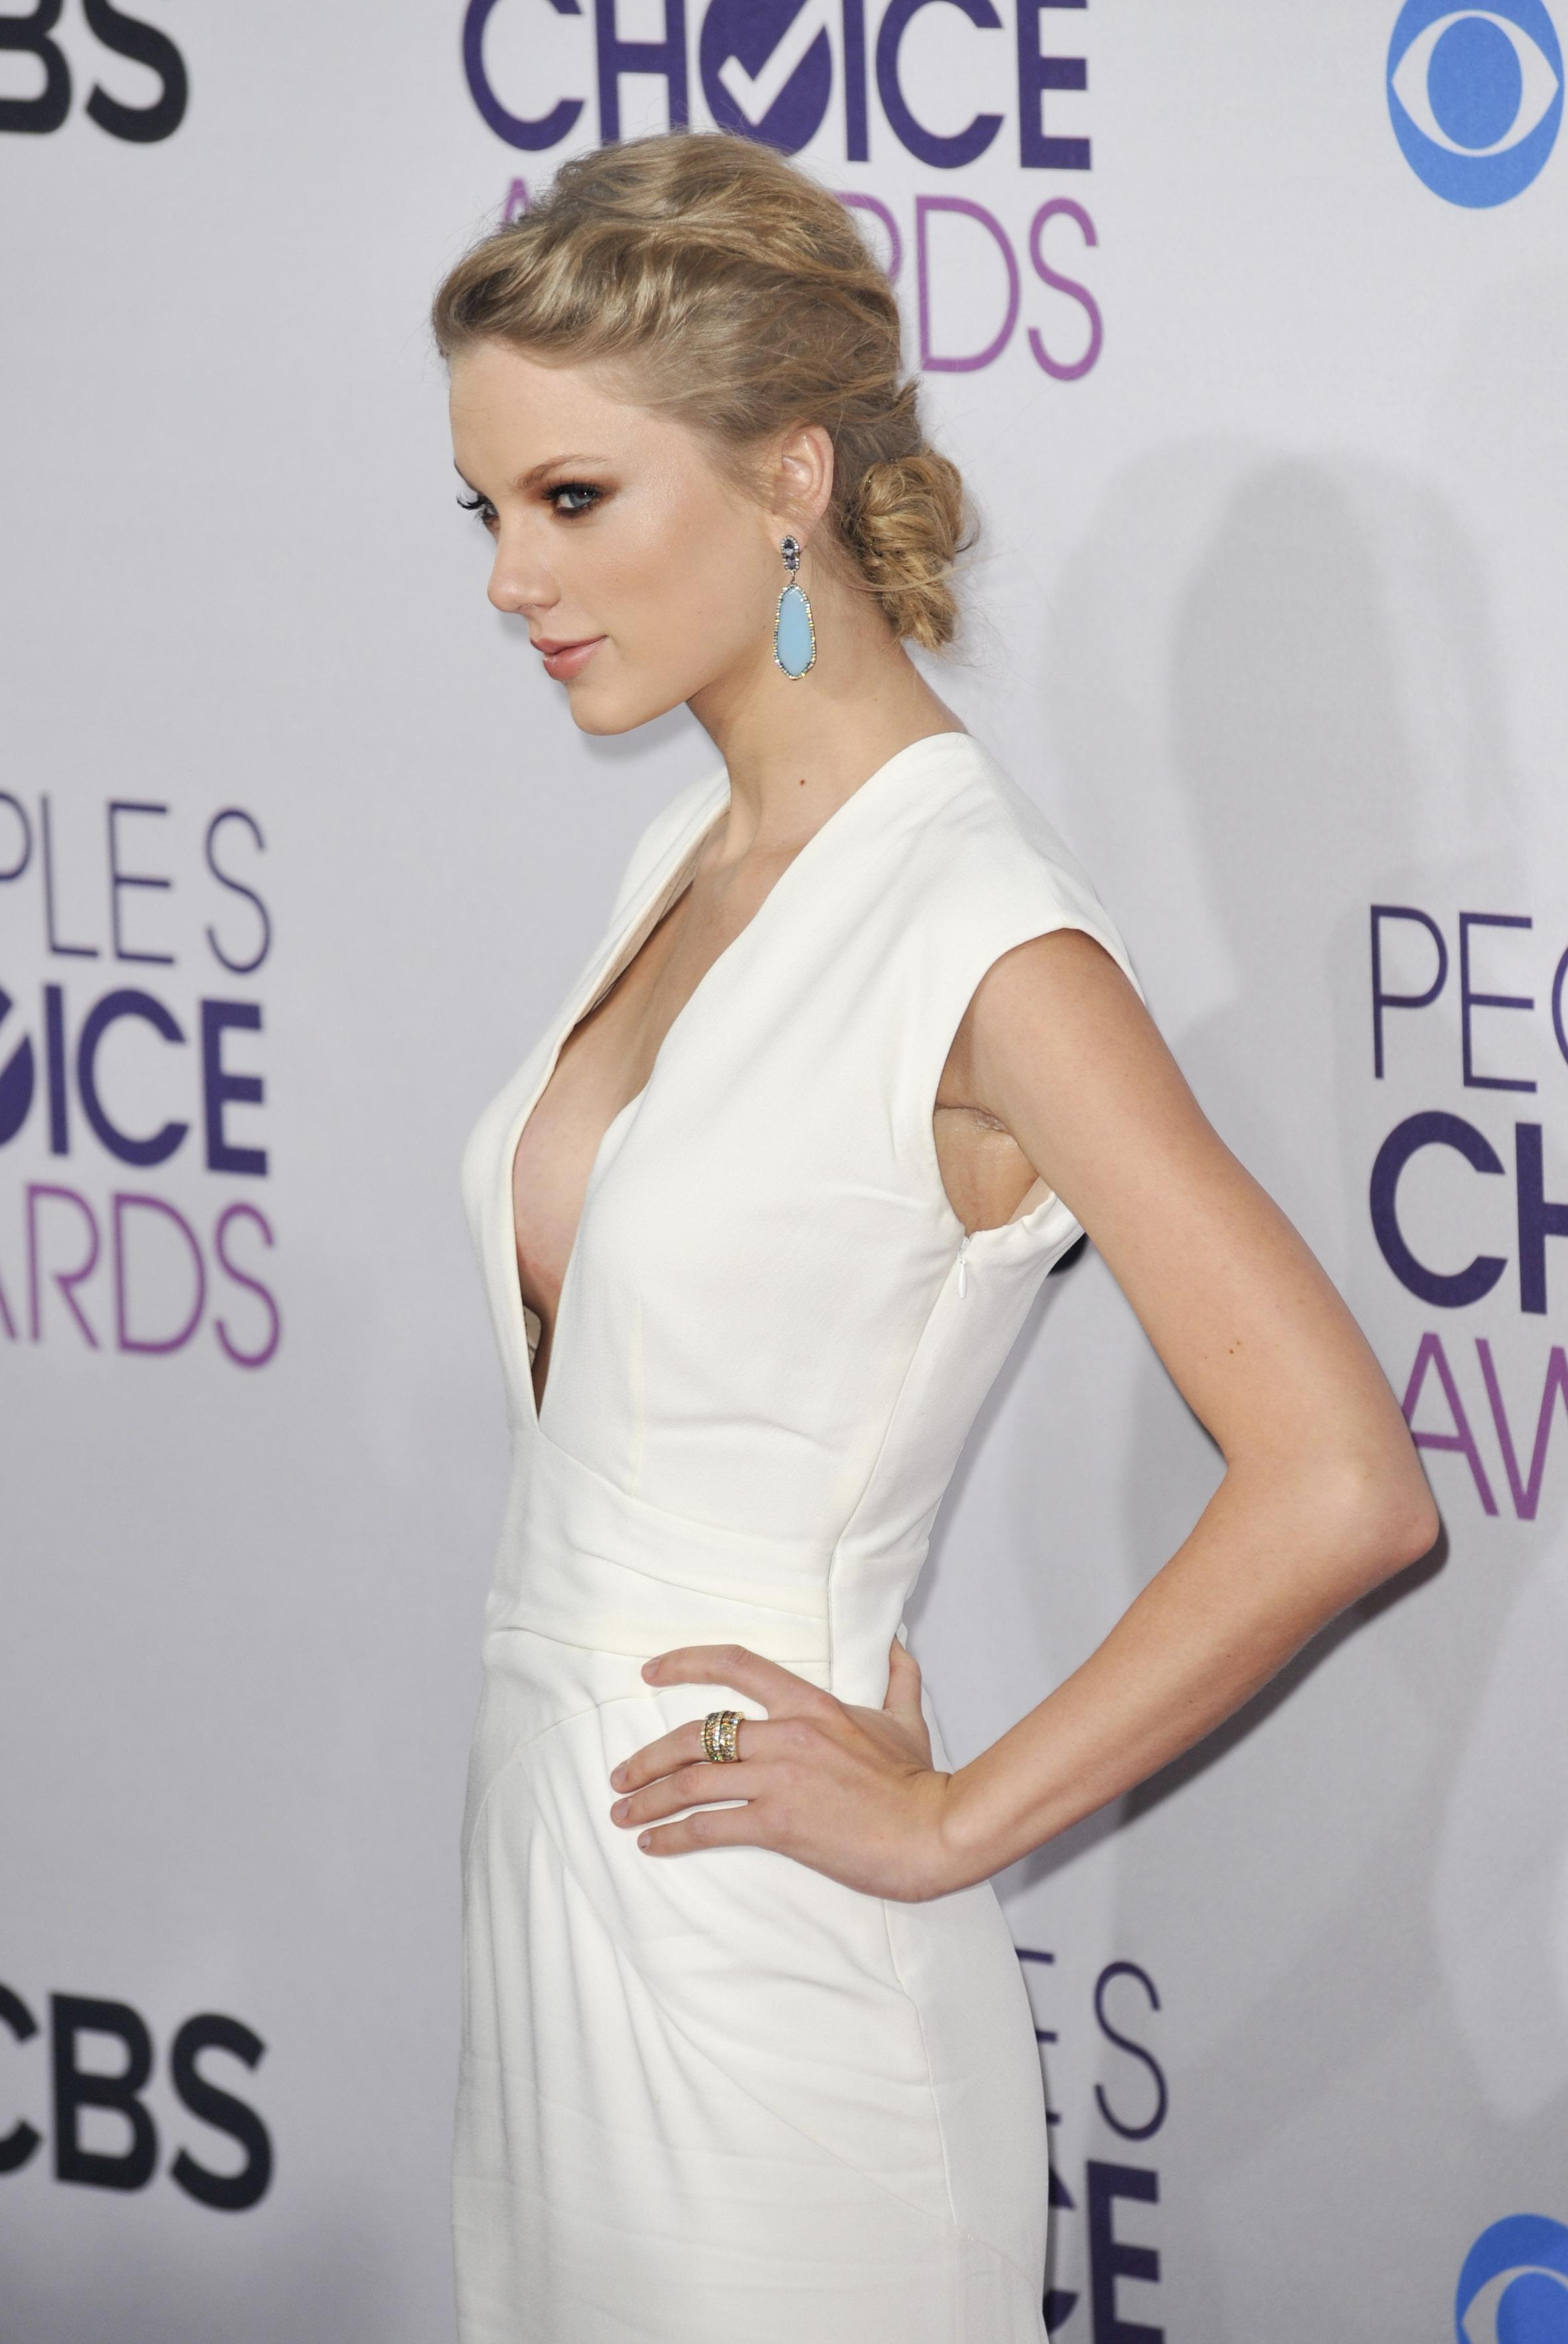 Güzel şarkıcı Taylor Swift seksi göğüs dekolteli elbisesi ile cesur pozlar verdi. En sexy yabancı ünlü kadınların erotik pozlarını görüntülemek için buraya tıklayın.